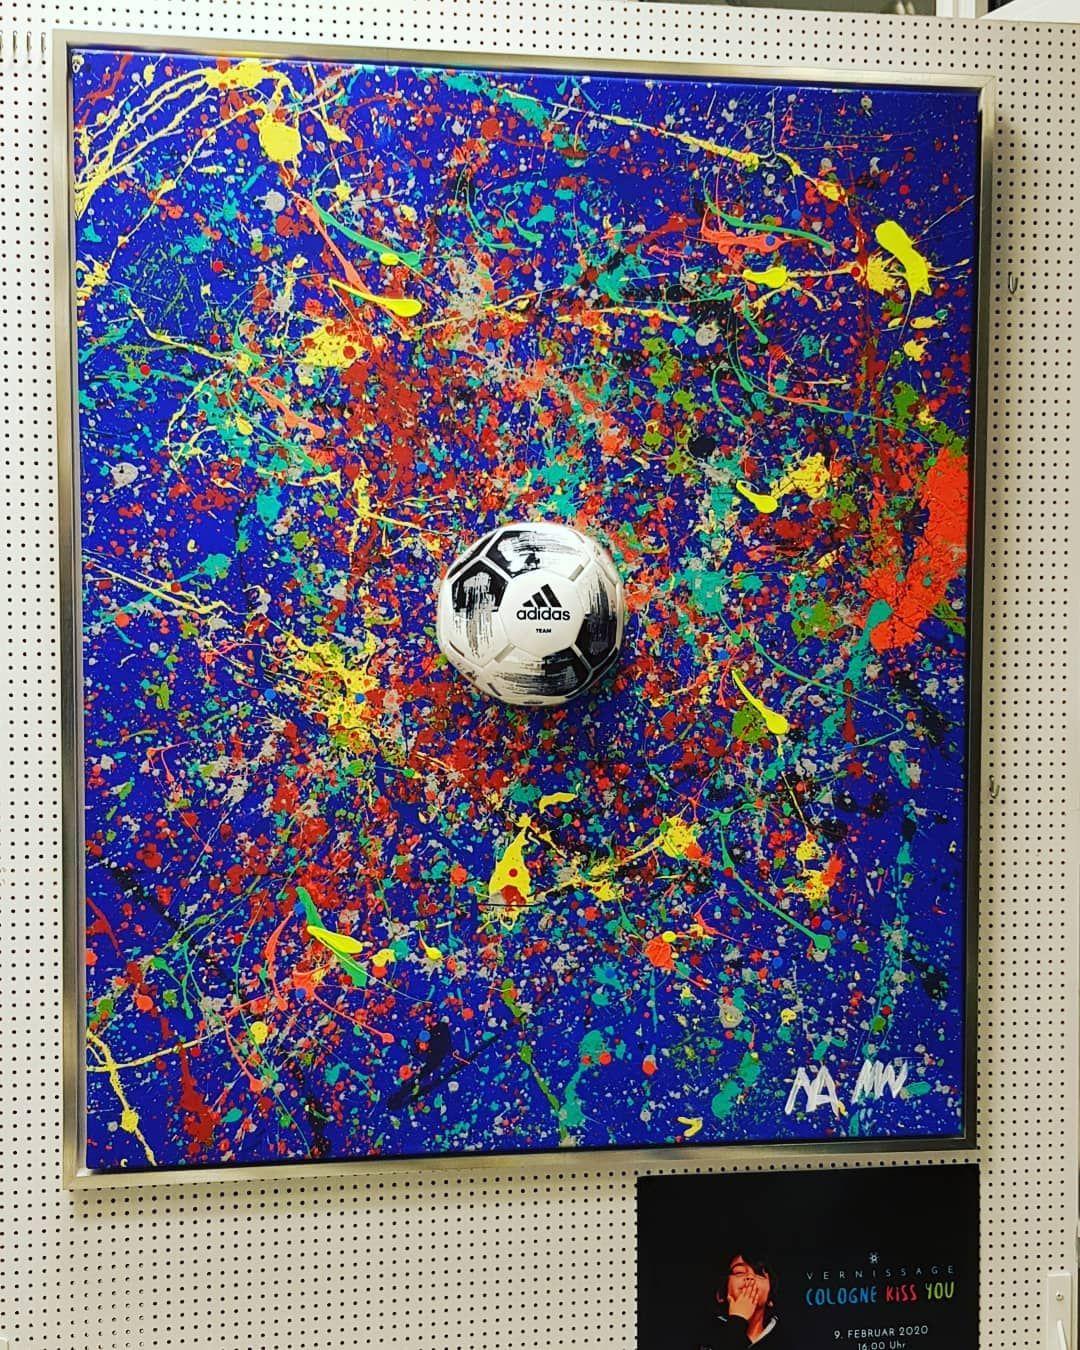 Gefallt 47 Mal 0 Kommentare Galerie Wehr Galeriewehr Auf Instagram Kidsfoundation Projekt Mikail Akar Und Manuel Neuer Nur Noch 4 Exempla In 2020 Painting Art